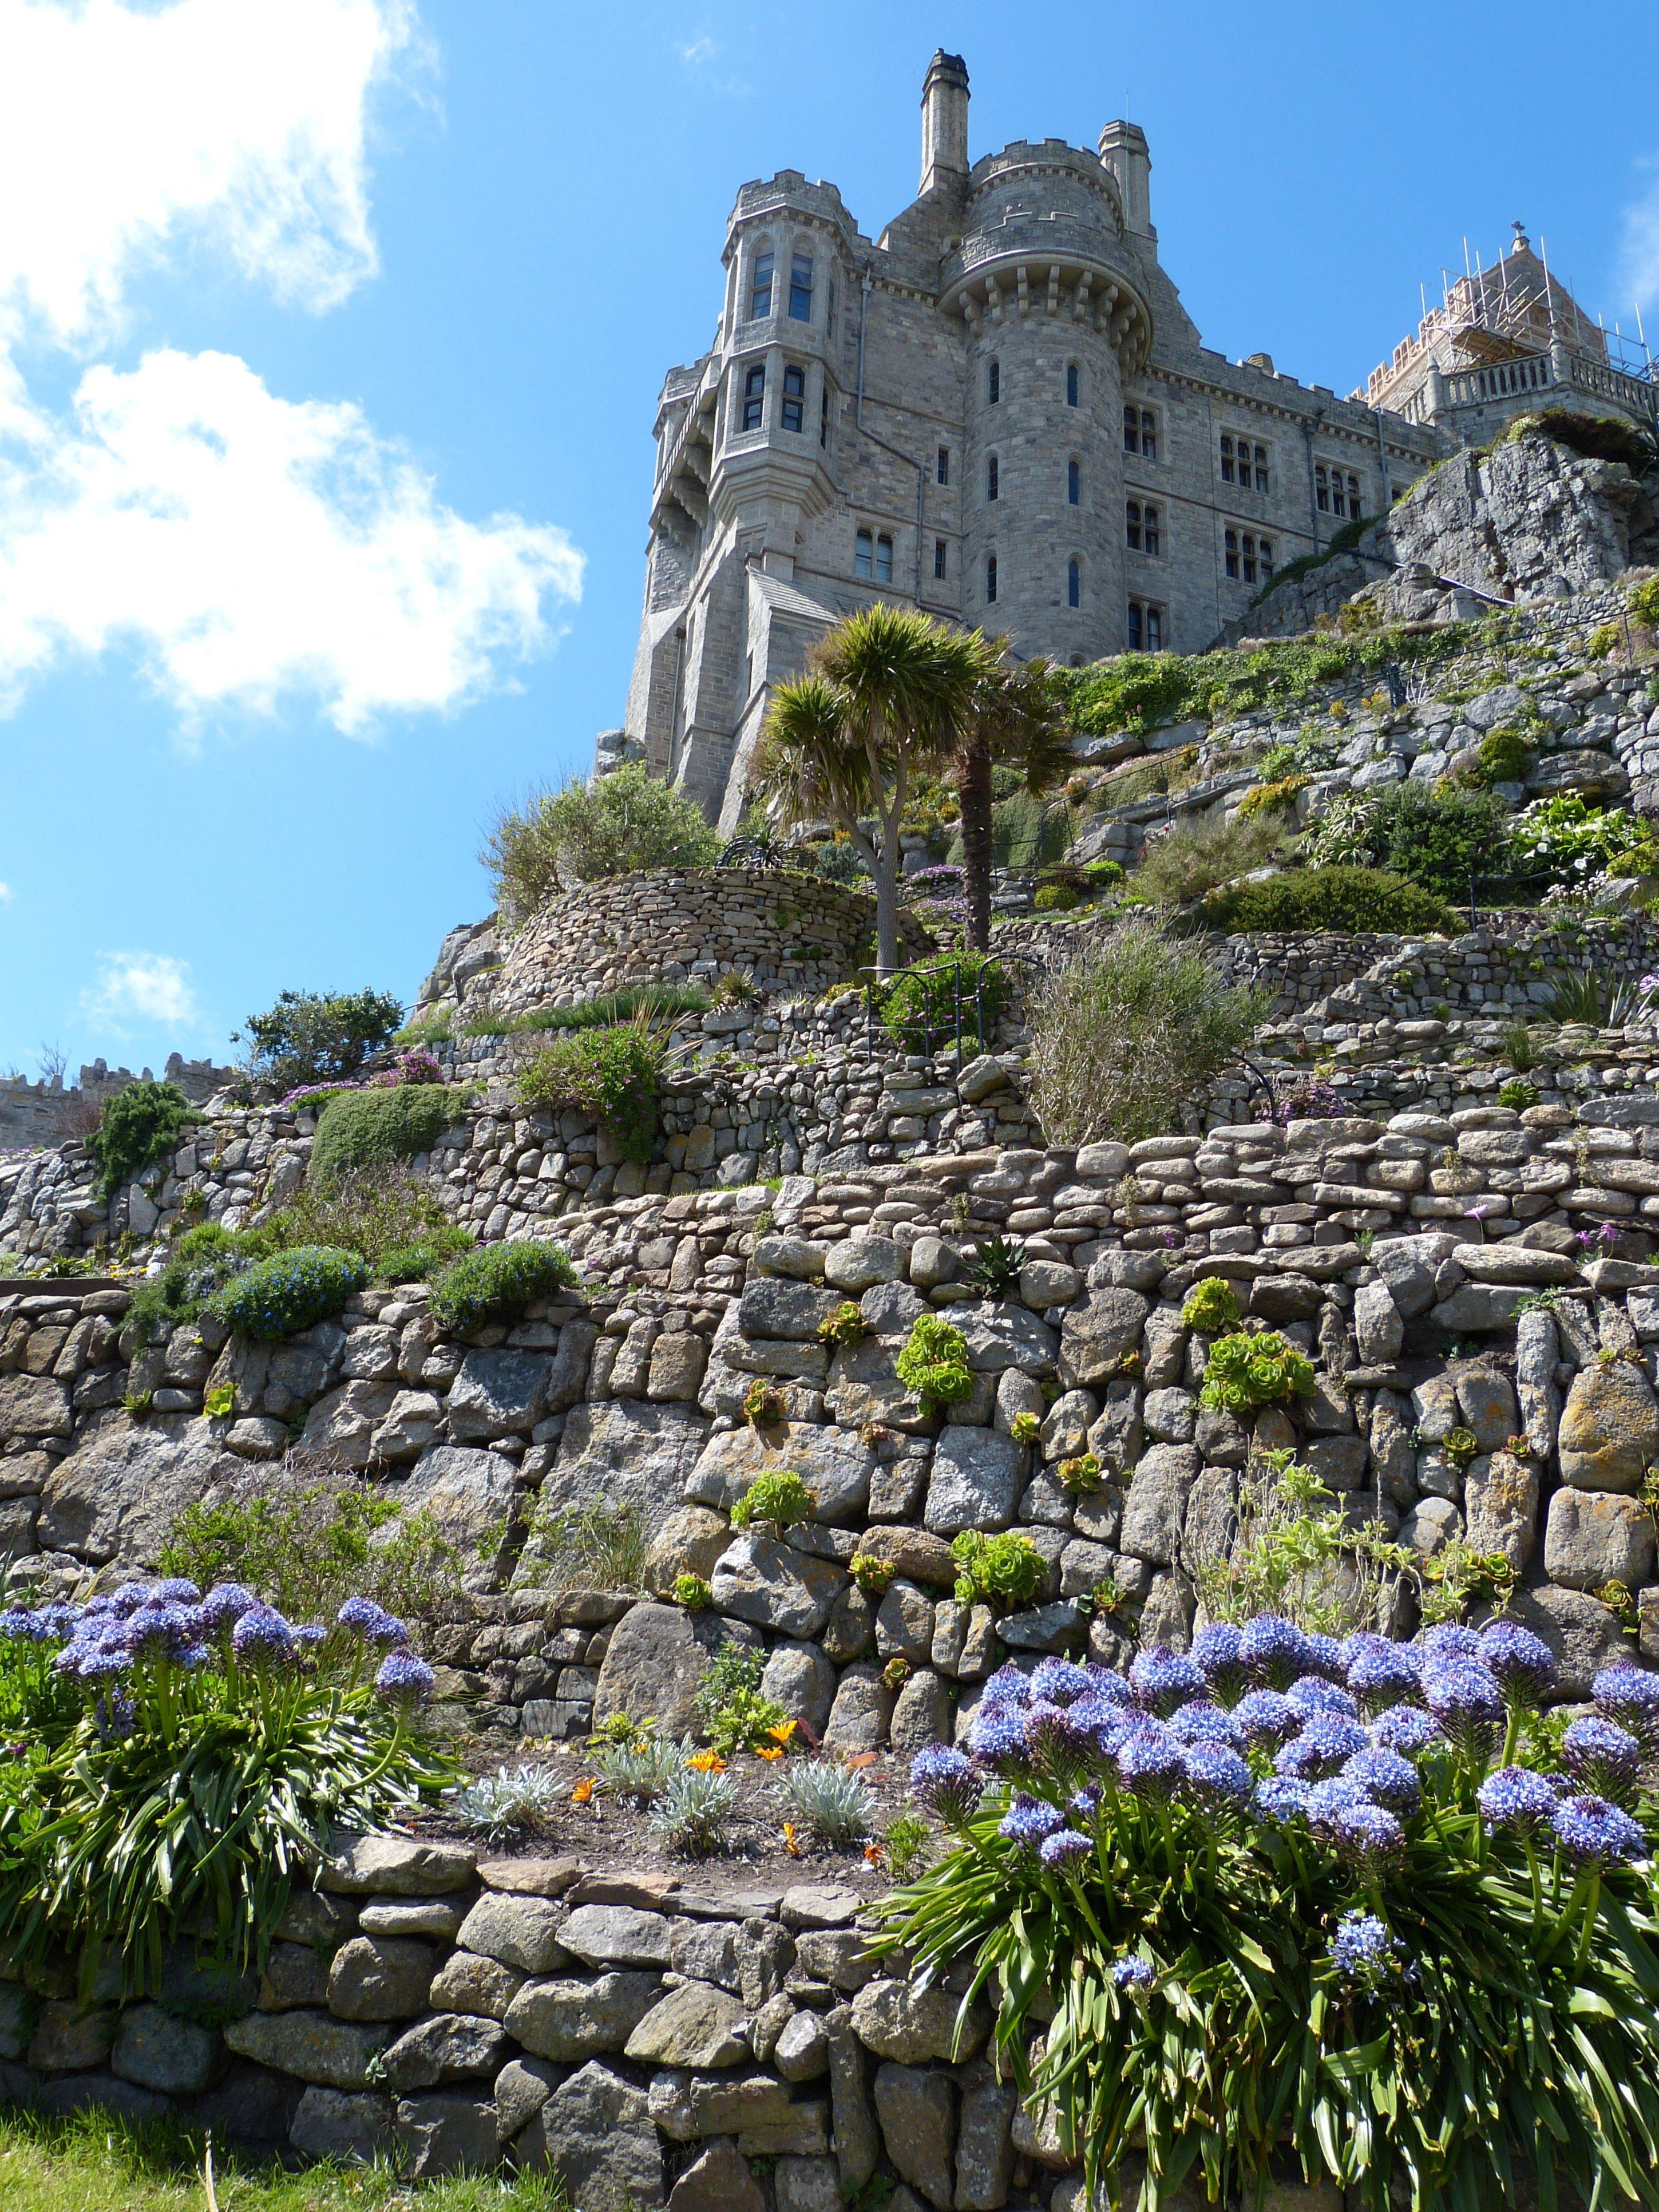 Images gratuites paysage c te roche montagne fleur cha ne de montagnes vacances parc - Jardin botanique de cornouaille ...